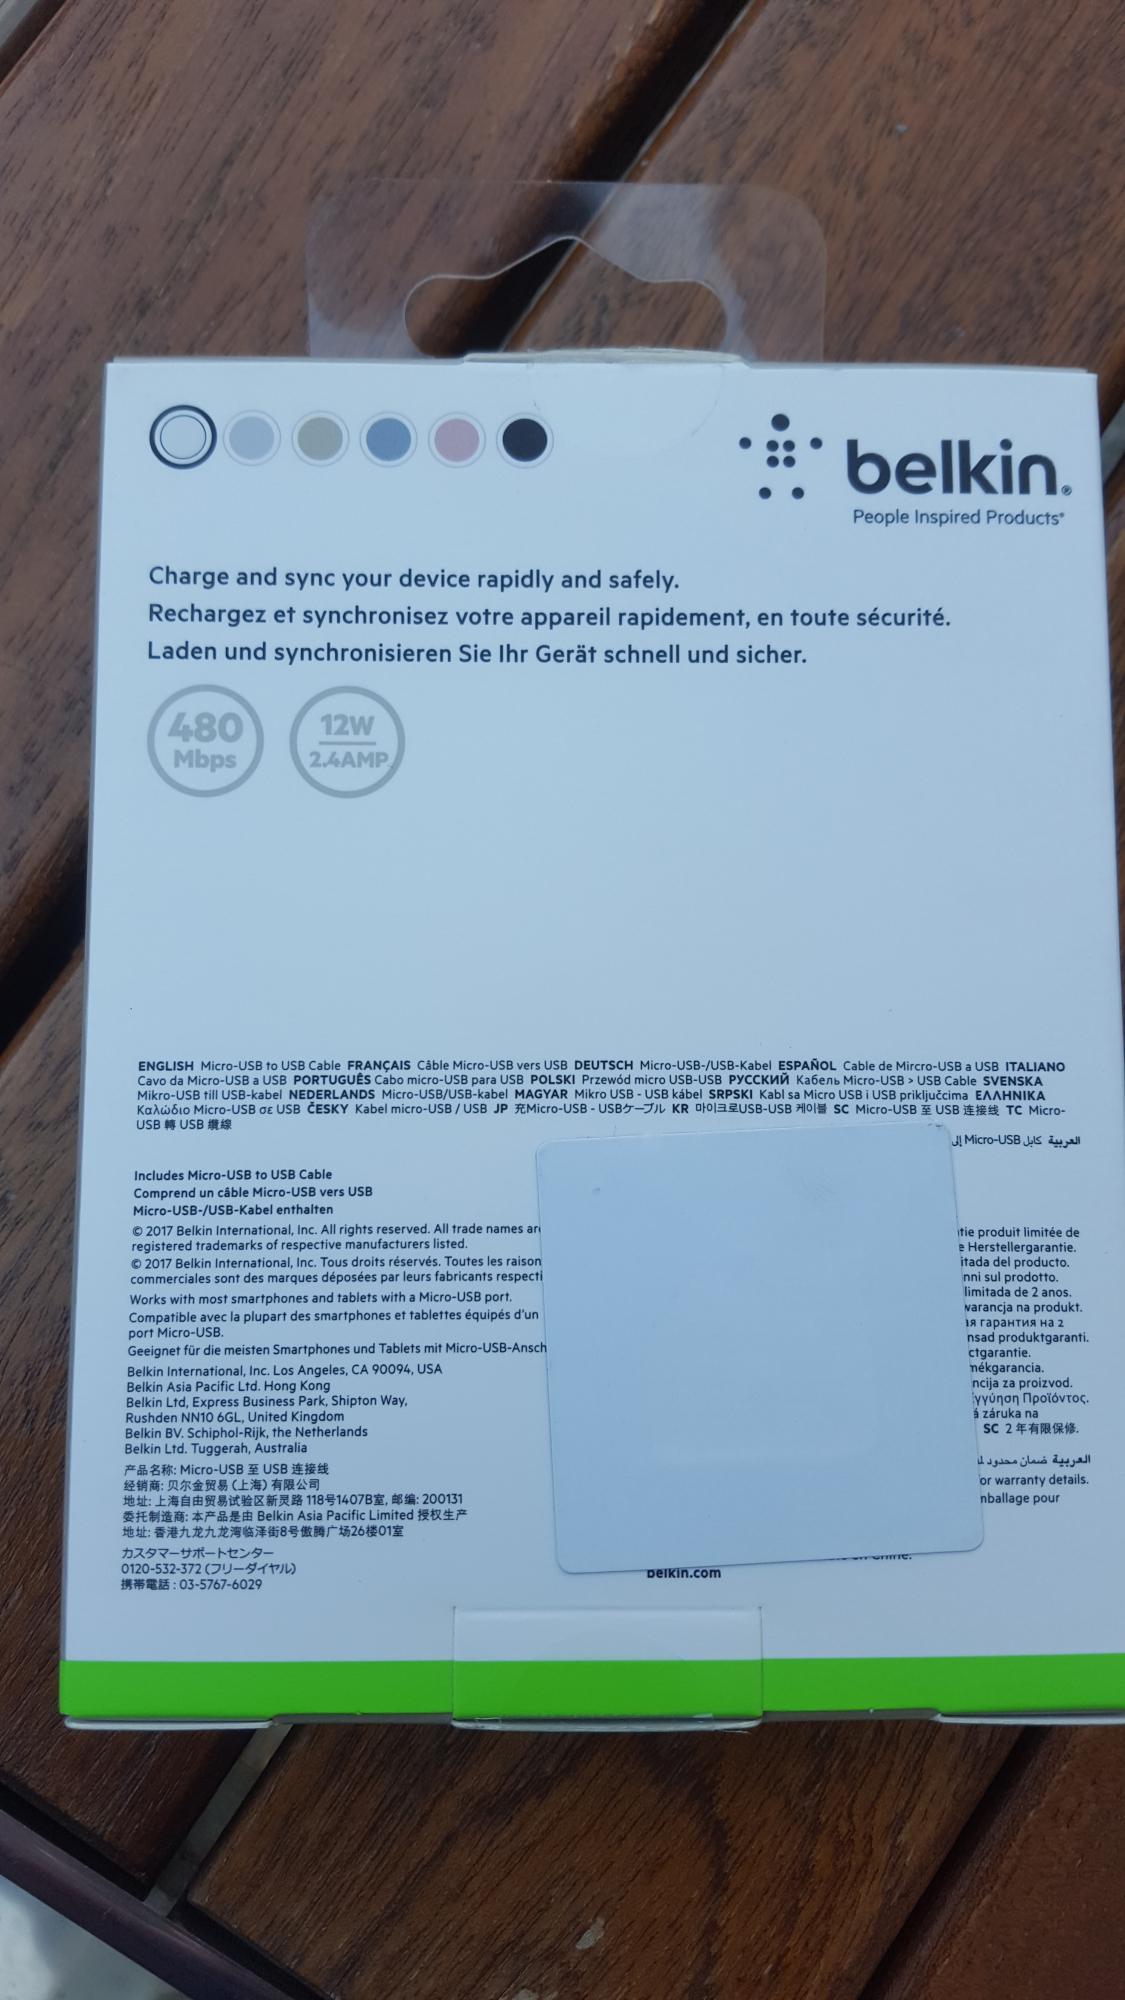 Vatan Bilgisayar Cep Telefonu Şikayetleri - Şikayetvar